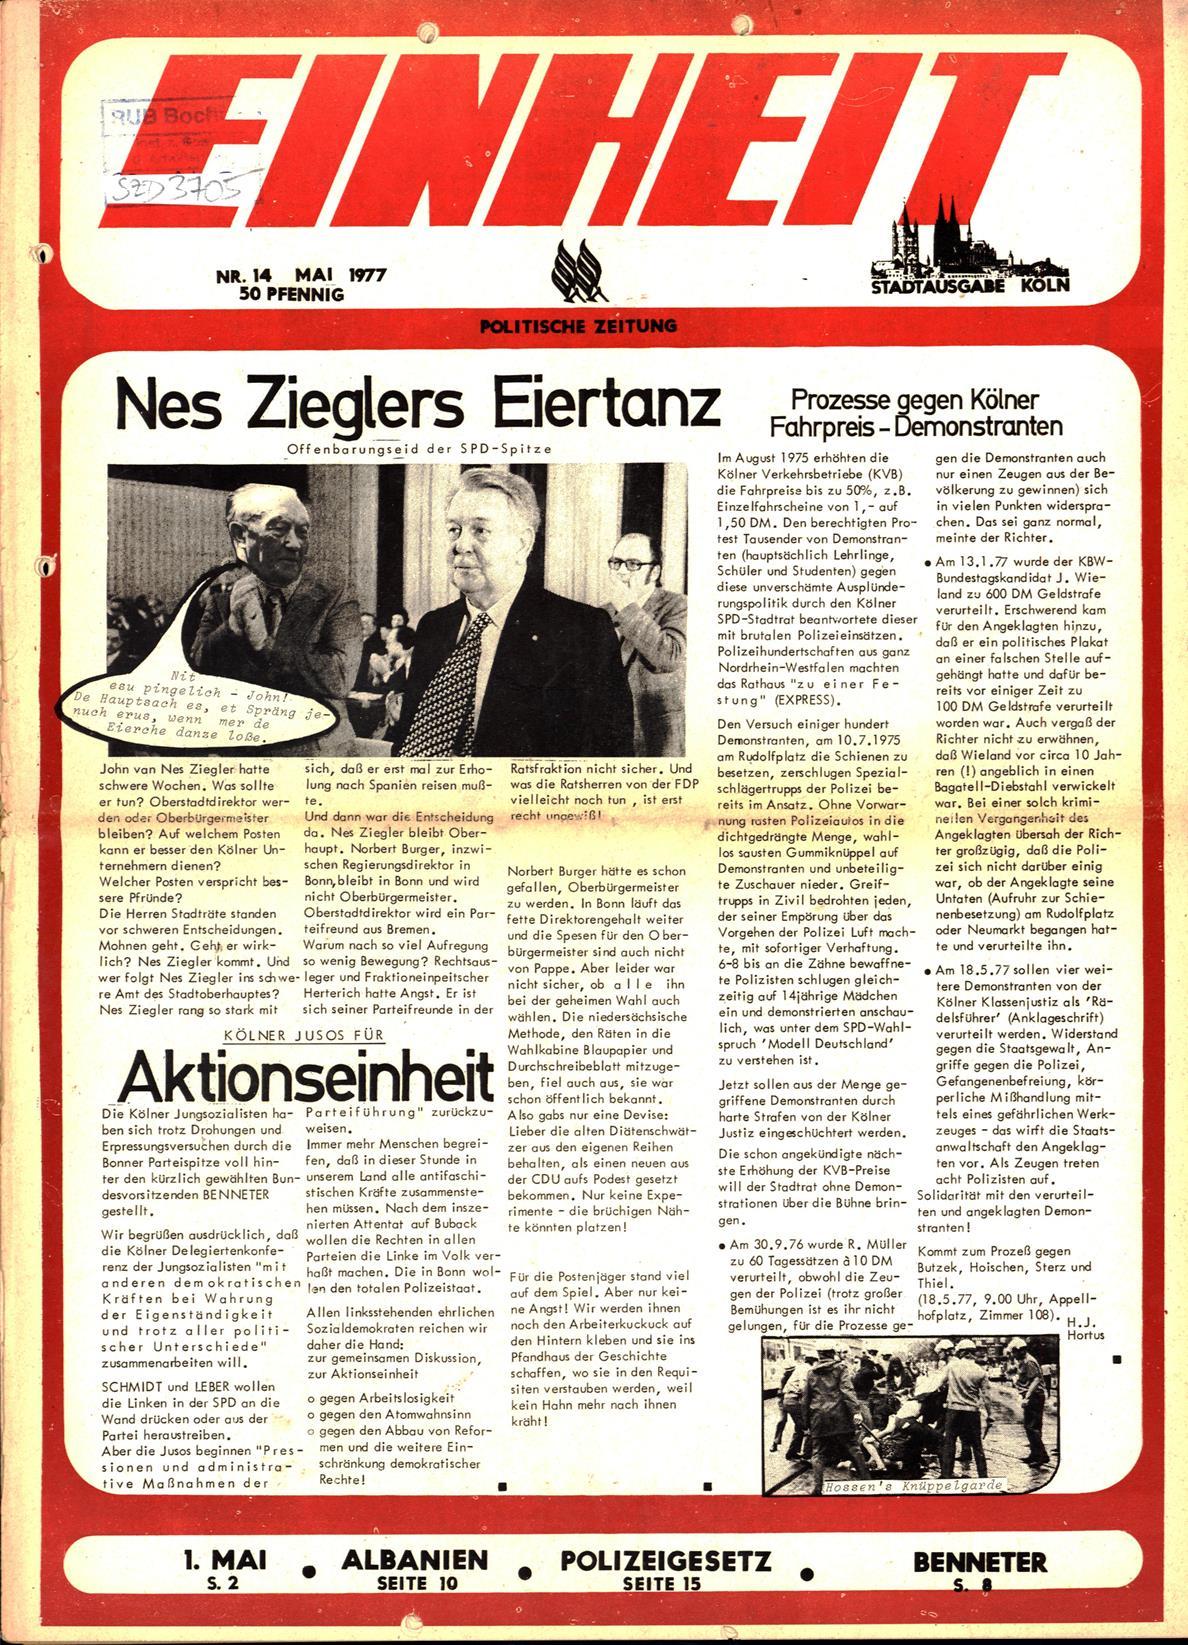 Koeln_IPdA_Einheit_1977_014_001